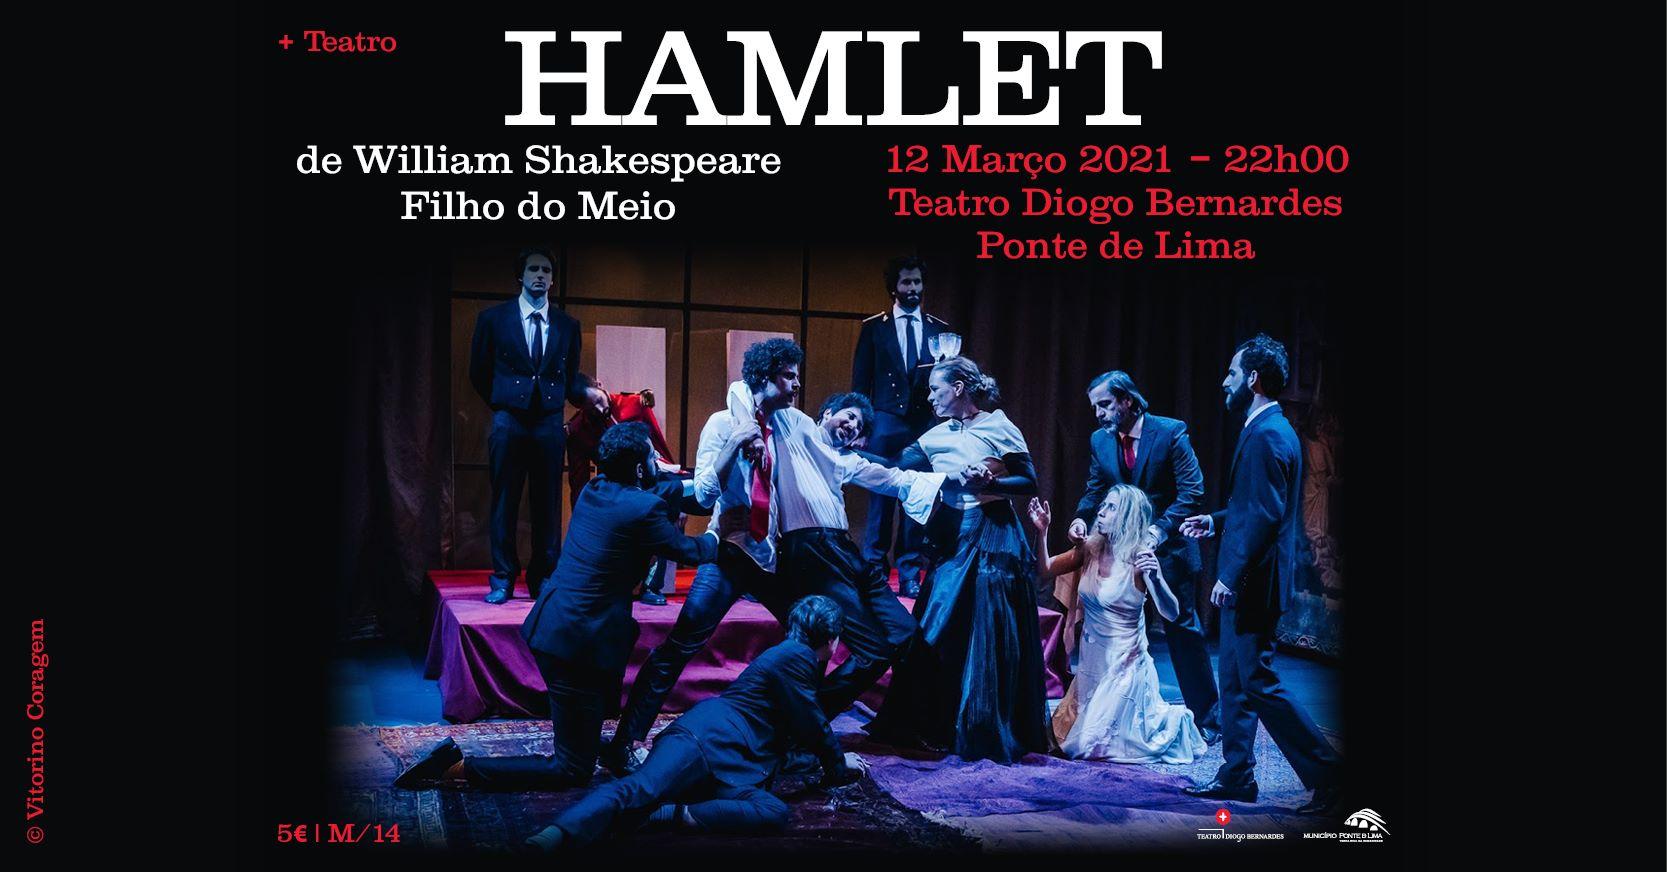 Hamlet, de William Shakespeare | Filho do Meio